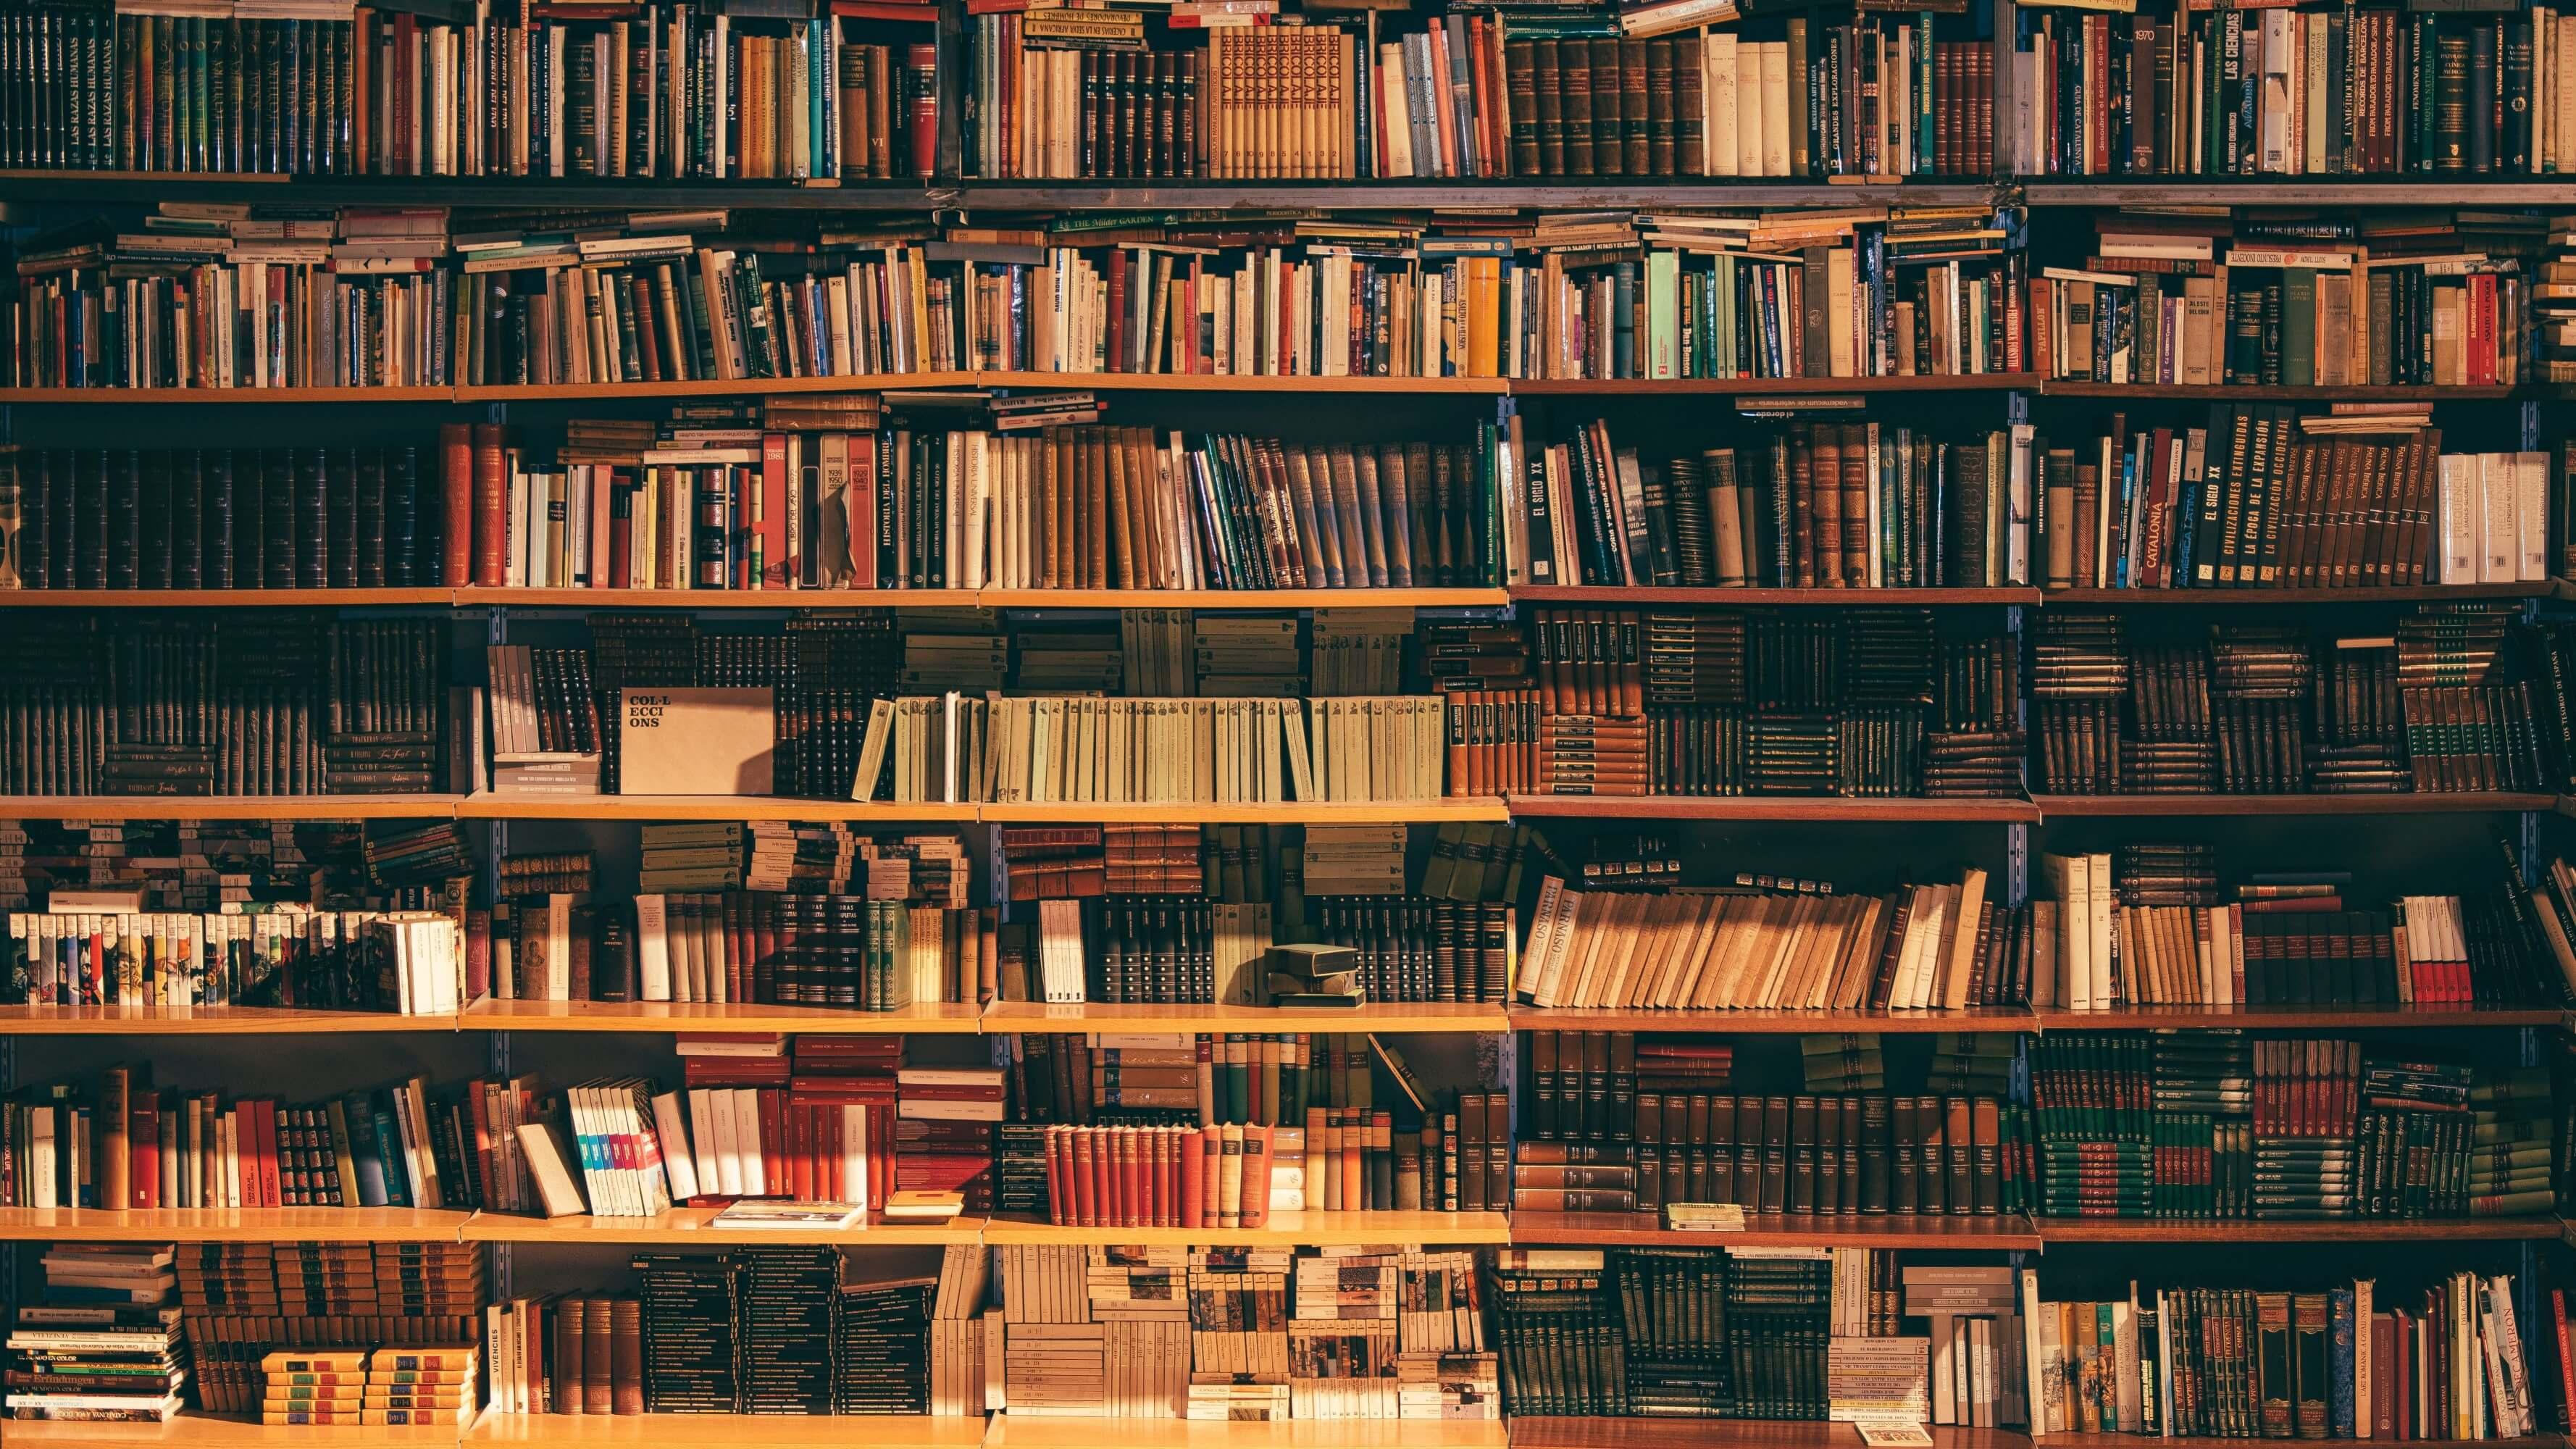 Livros sobre a filosofia estoica